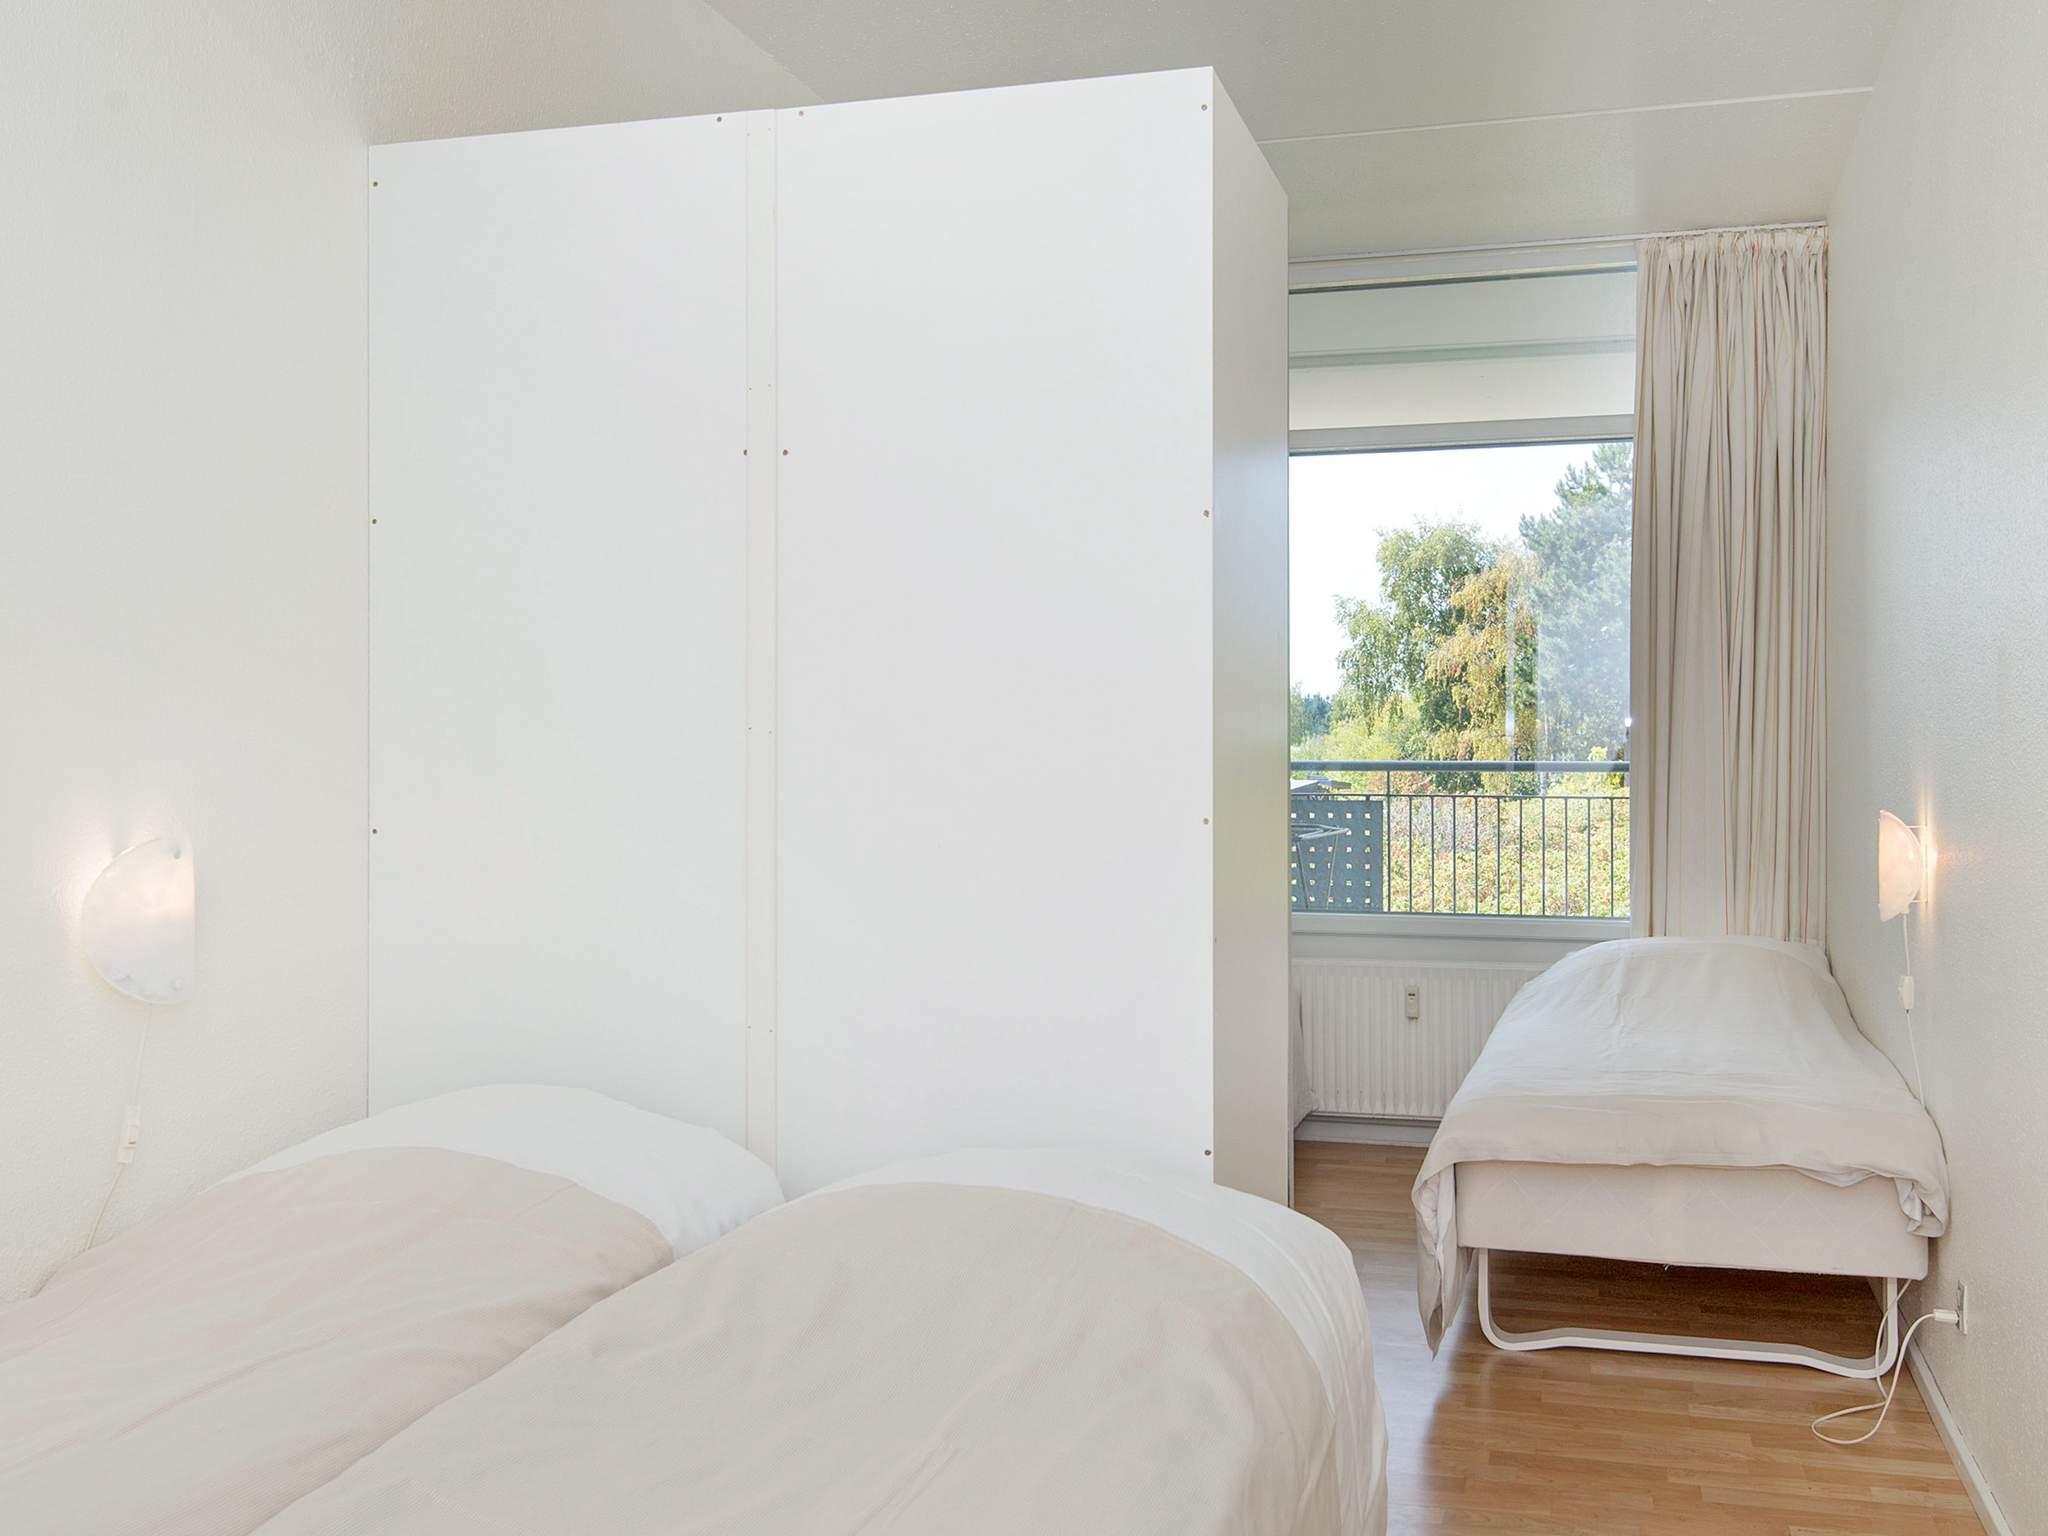 Ferienwohnung Bønnerup Strand - Typ 5 - 3 Zimmer,1.stock,Penthouse (1719346), Bønnerup, , Ostjütland, Dänemark, Bild 16